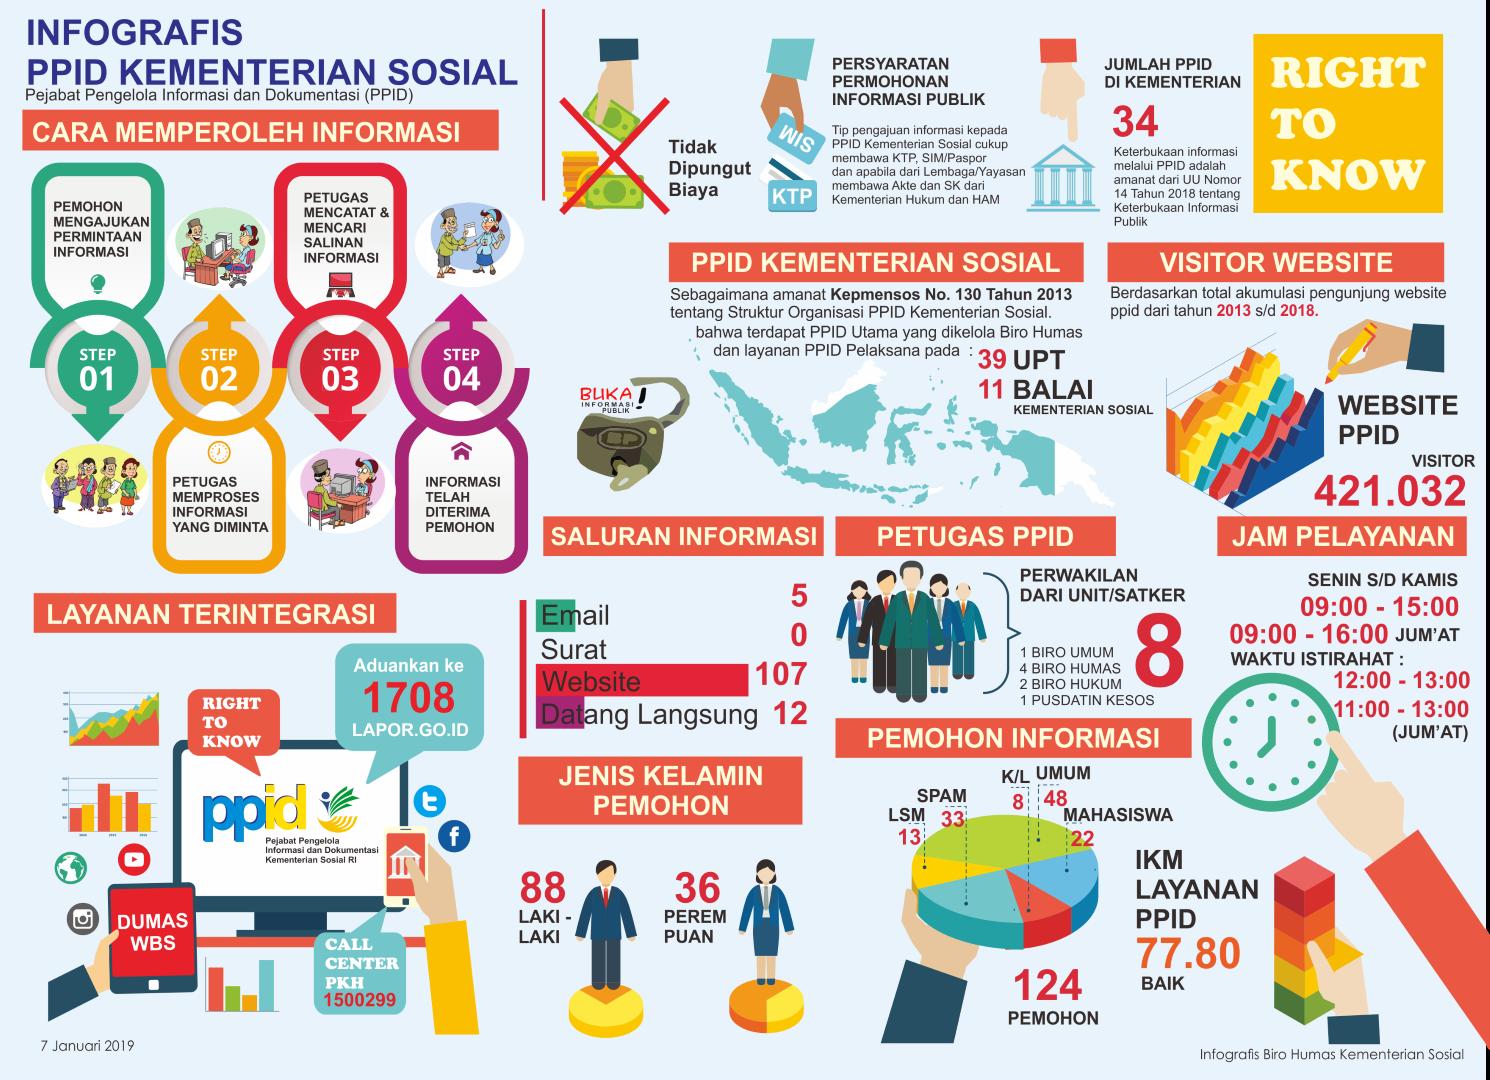 Laporan Permohonan Informasi Publik PPID Kementerian Sosial 2018